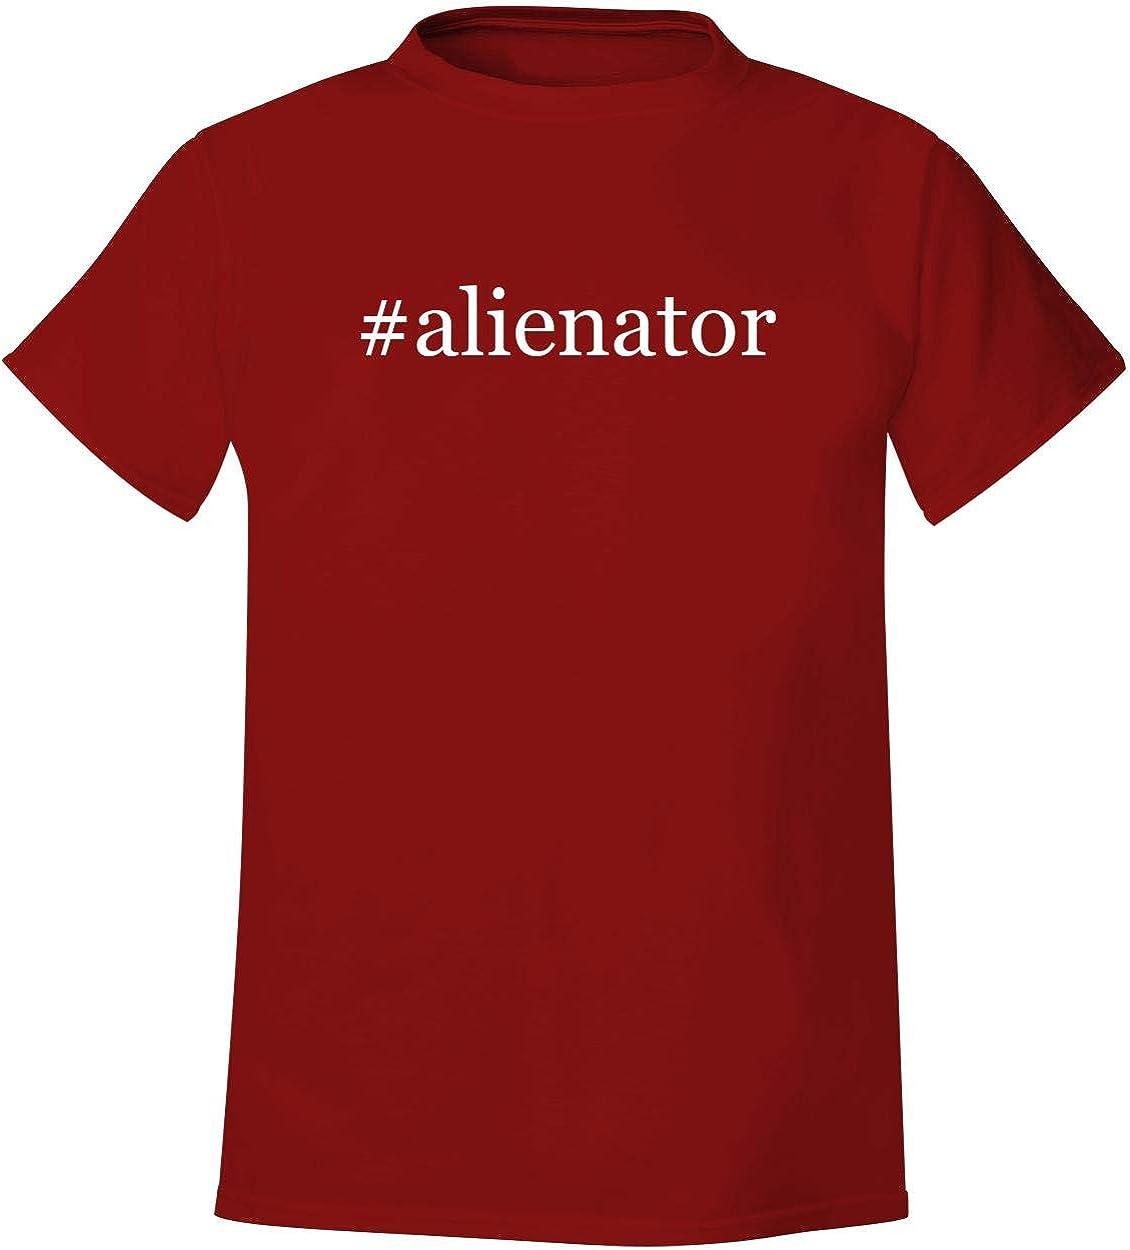 #alienator - Men's Hashtag Soft & Comfortable T-Shirt 513BJkaksuL